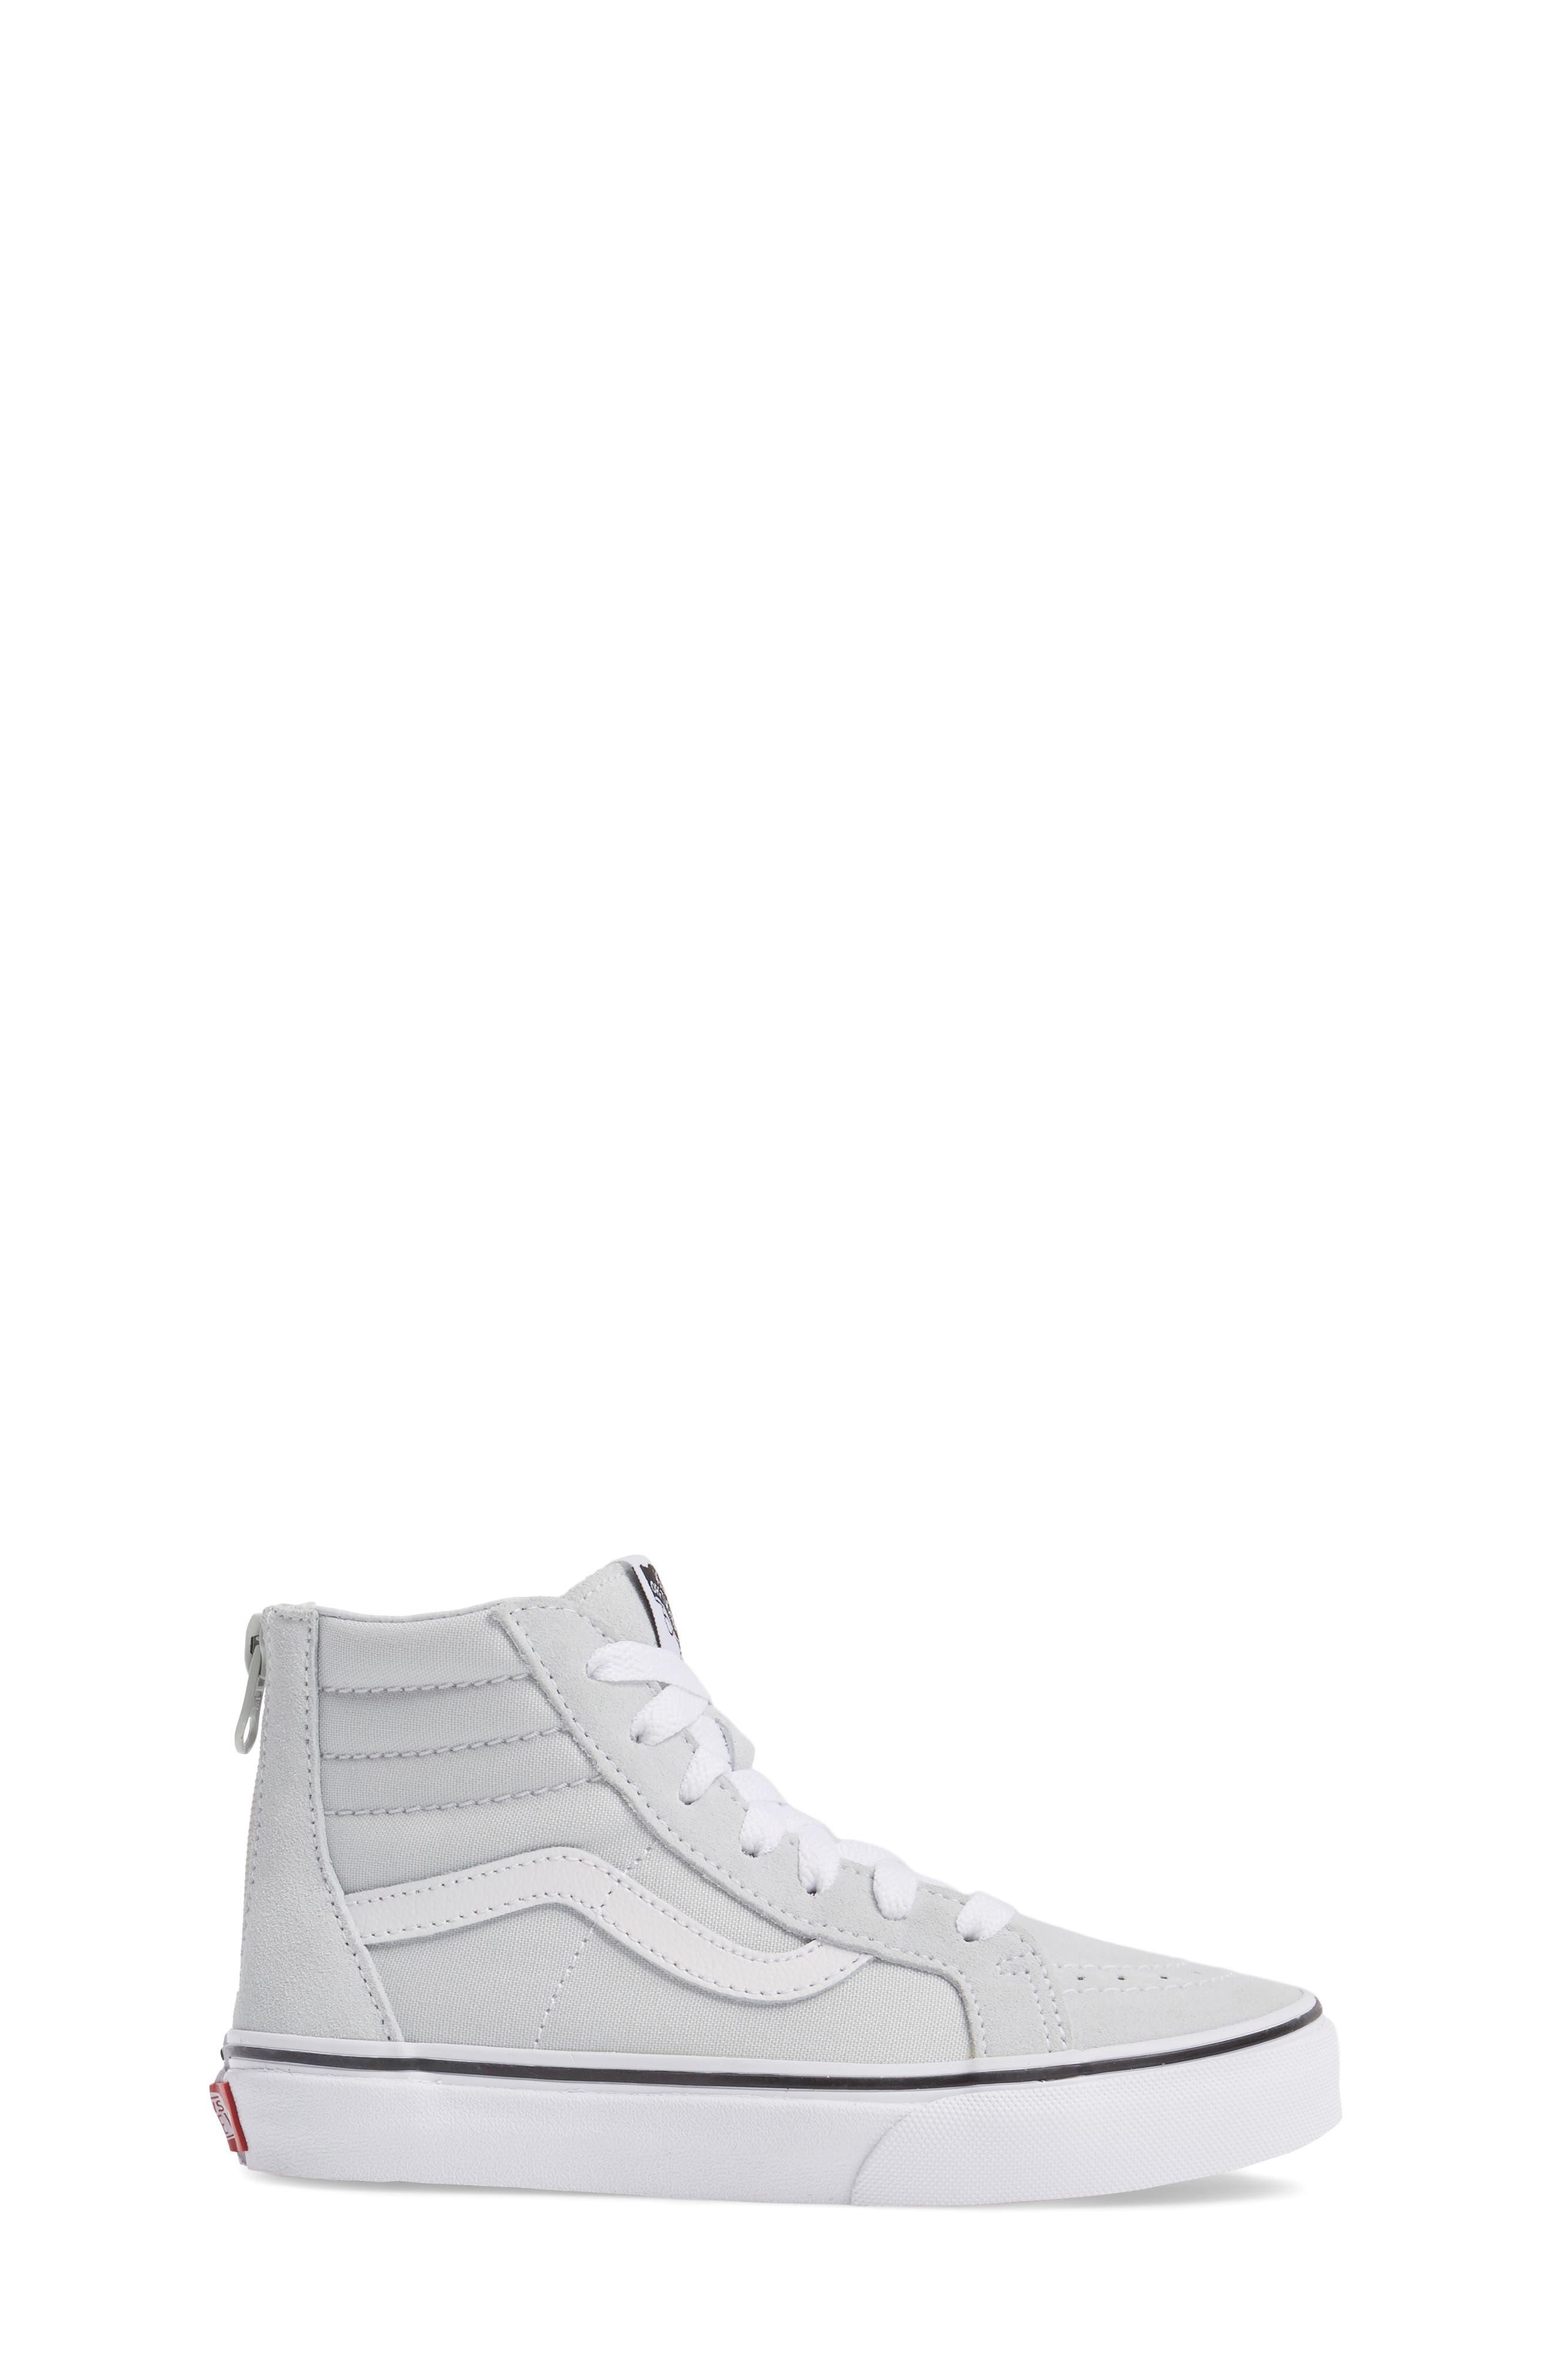 SK8-Hi Zip Sneaker,                             Alternate thumbnail 3, color,                             900